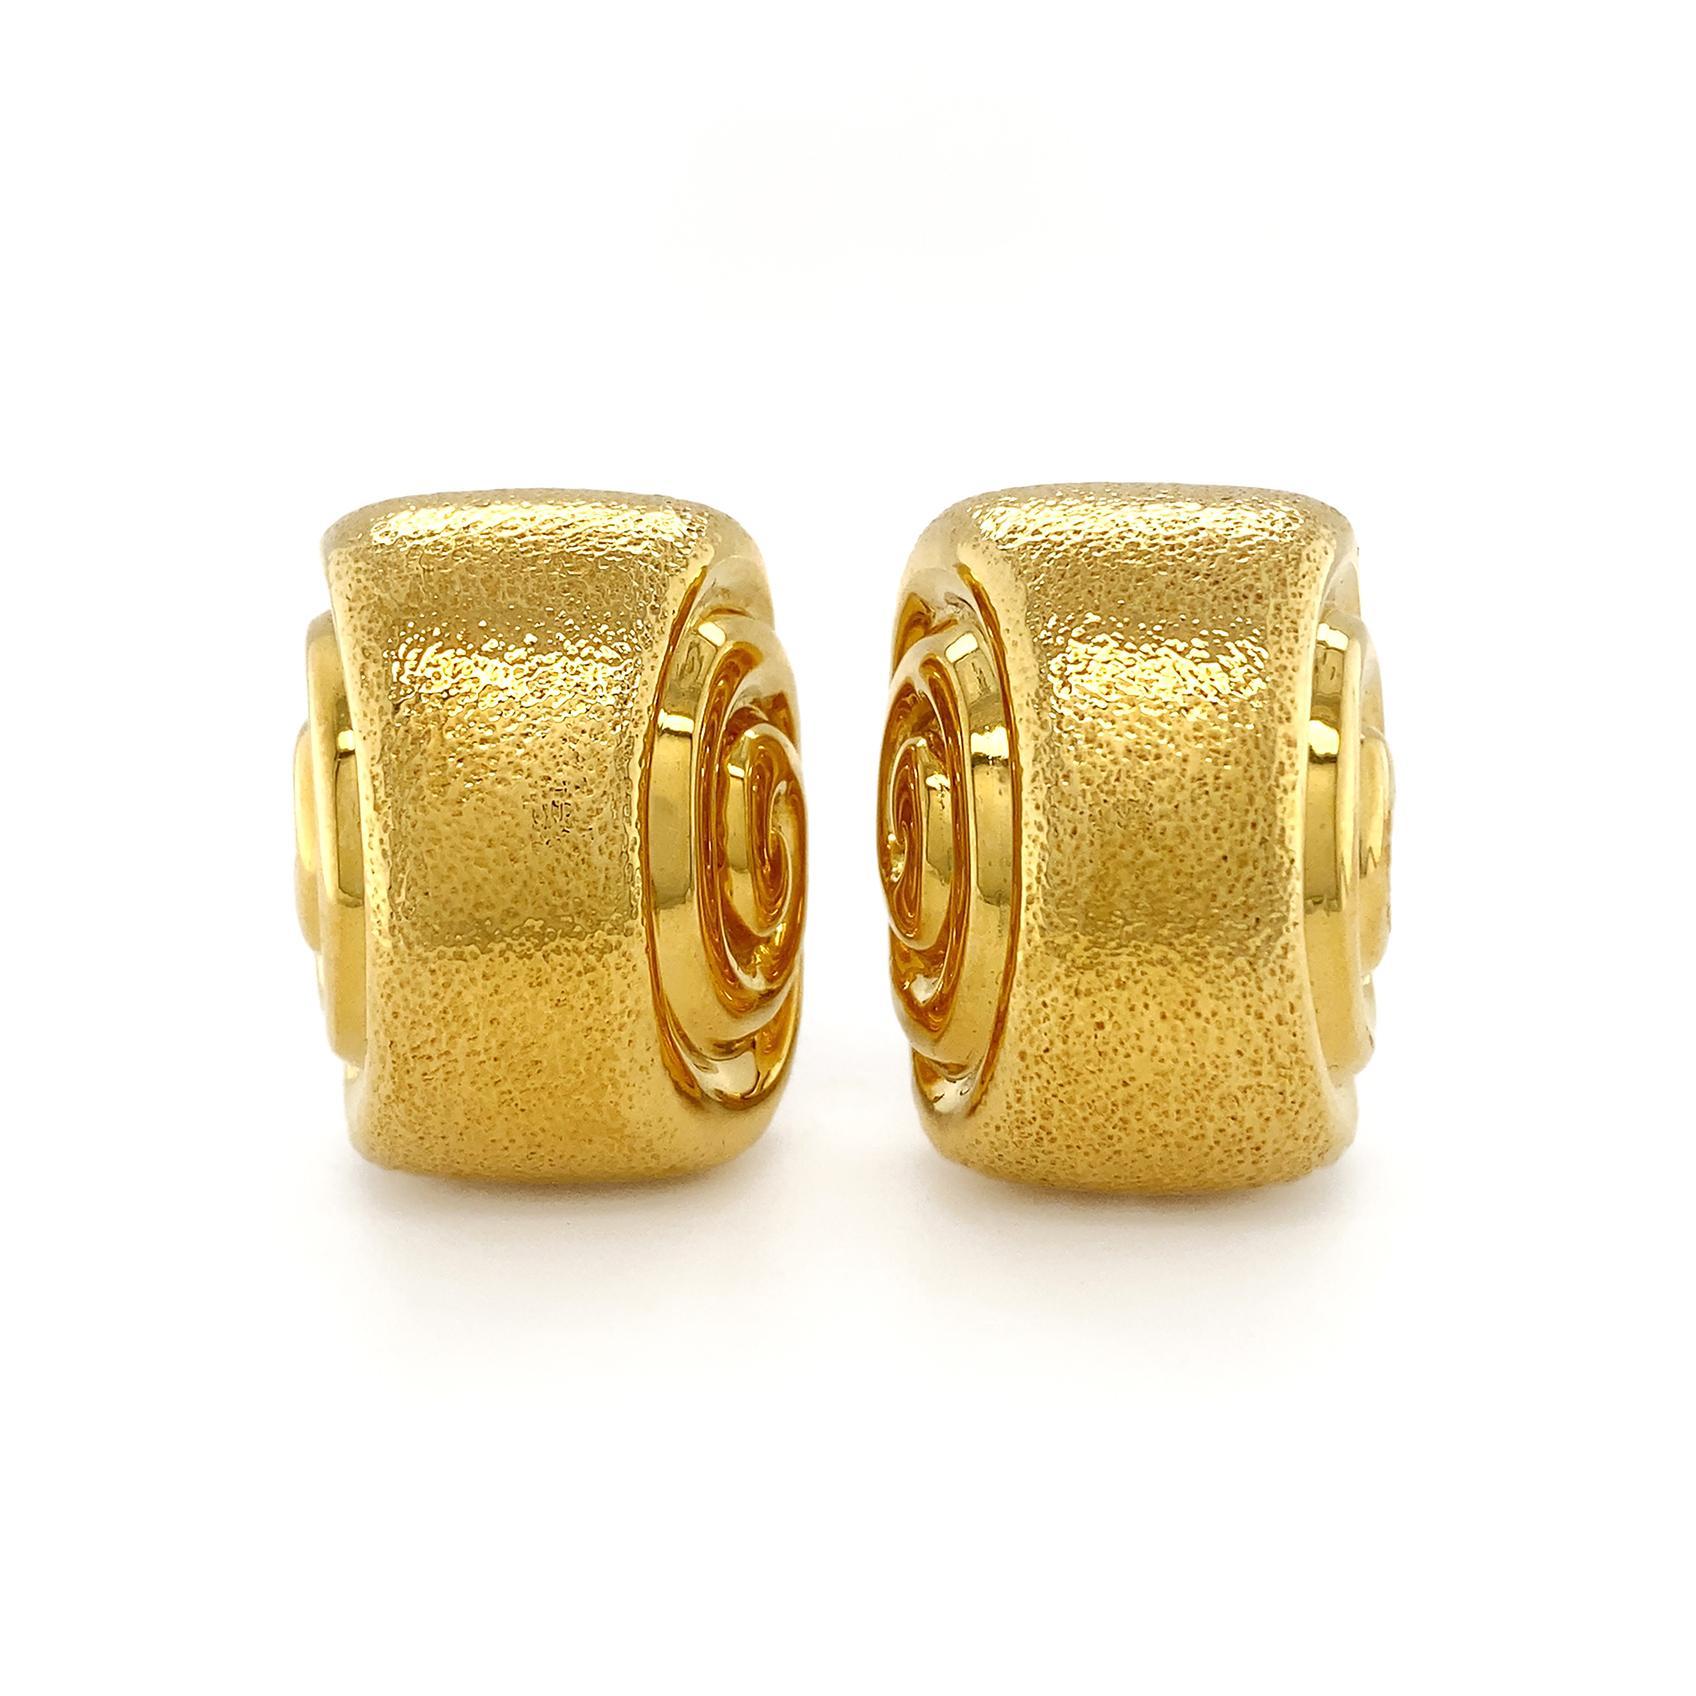 Valentin Magro 18 Karat Yellow Gold Double Swirl Earrings